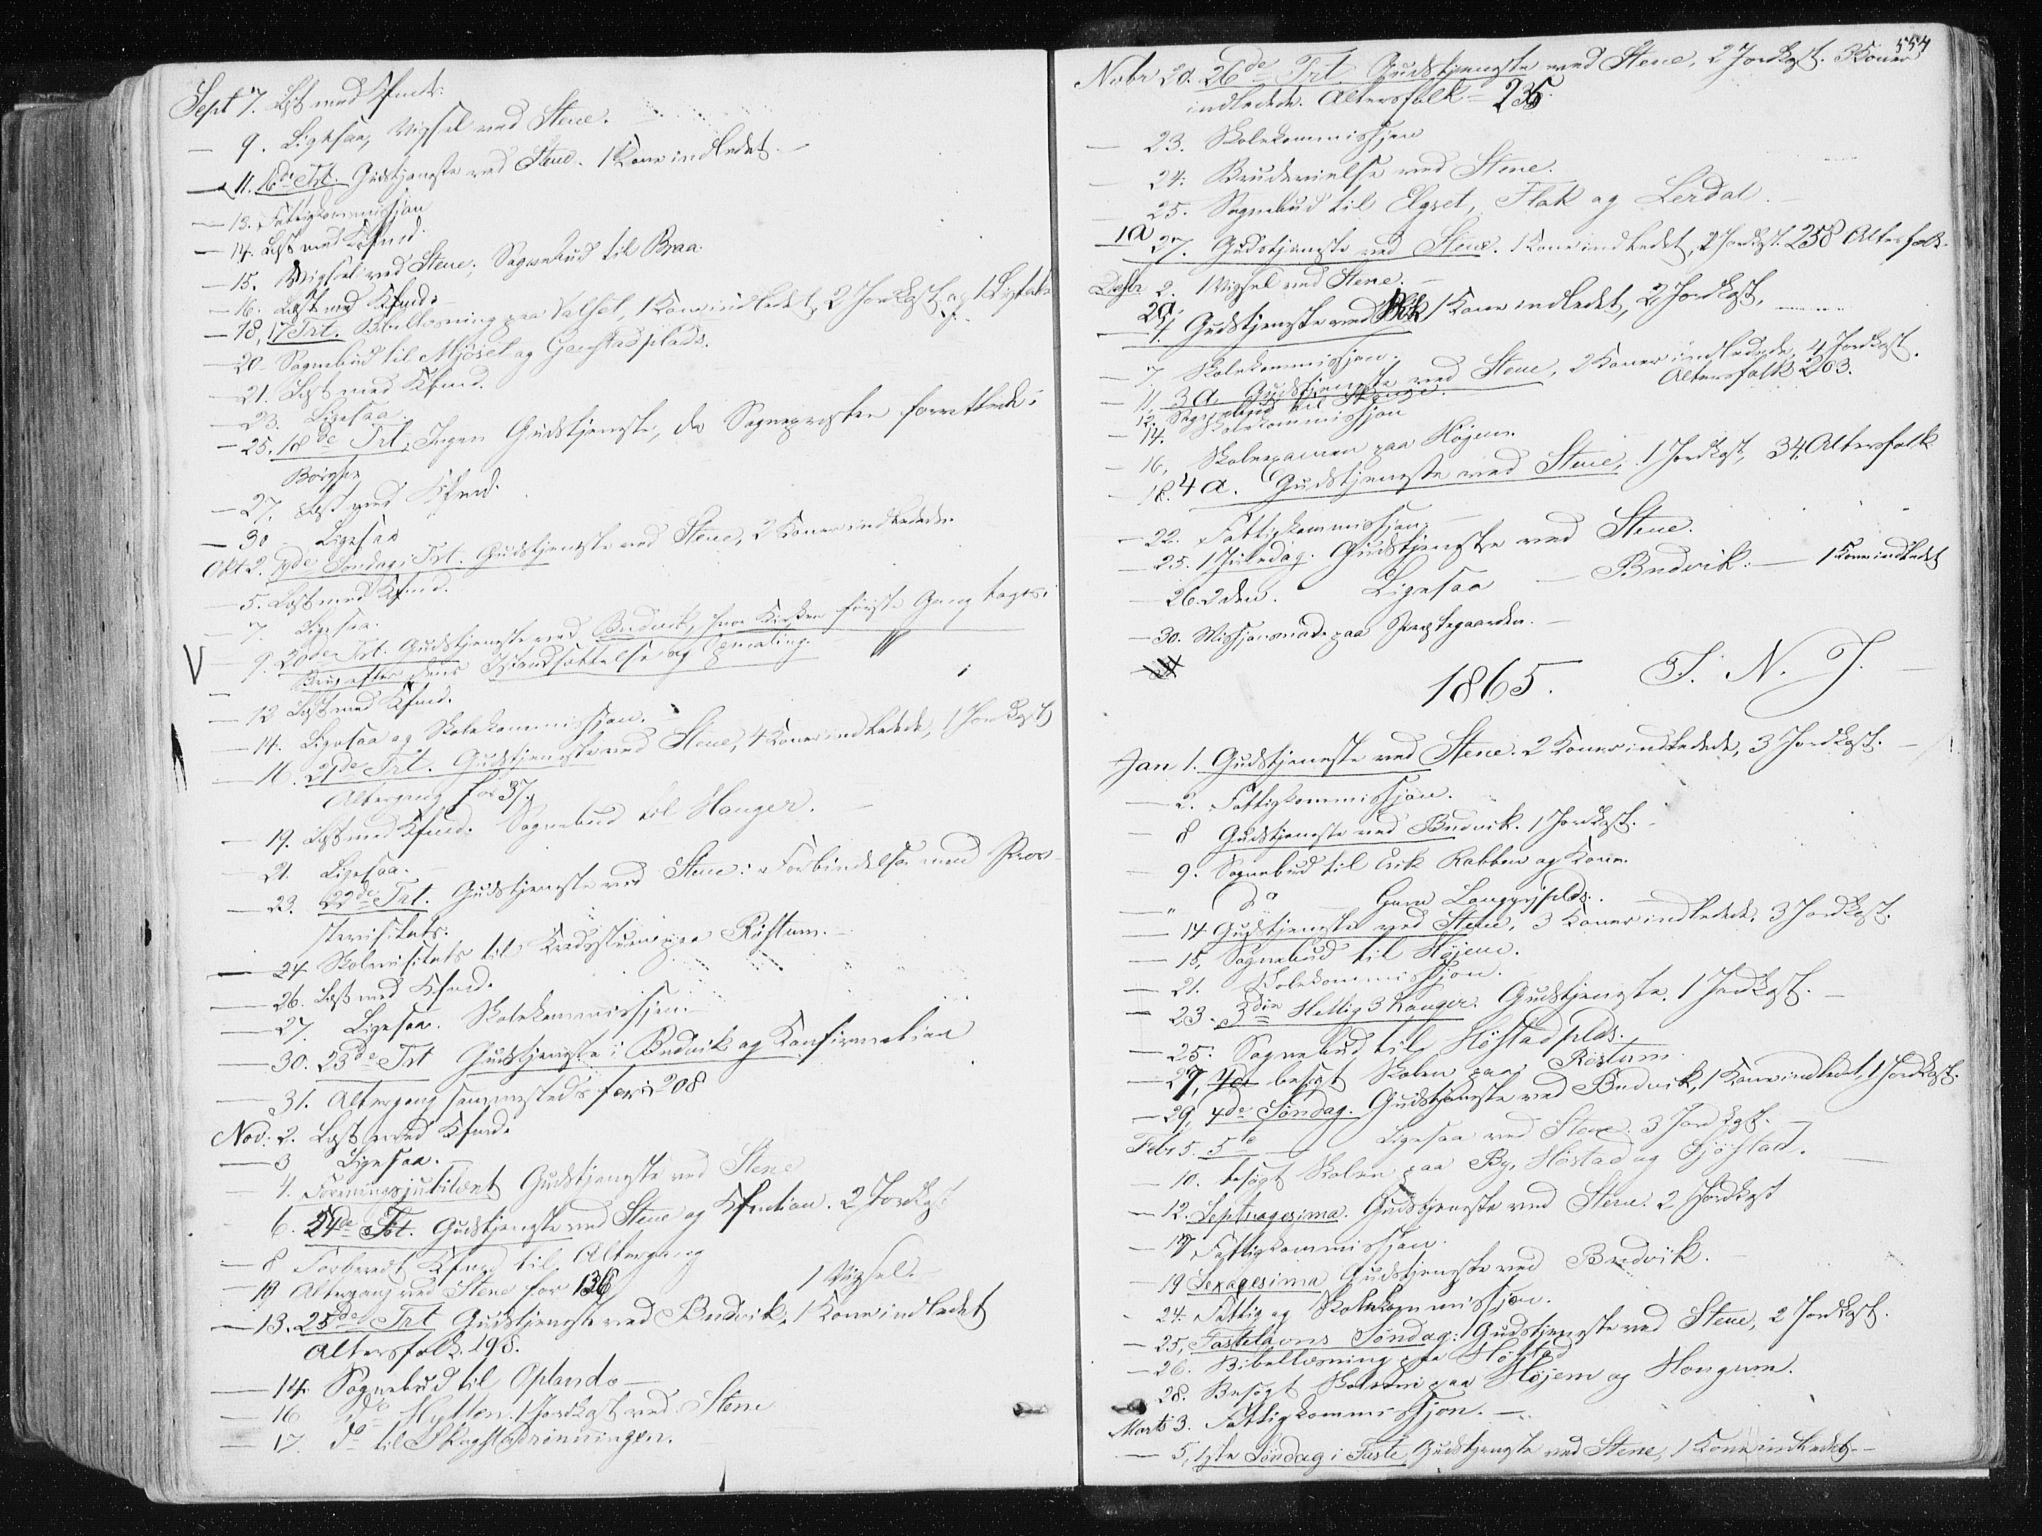 SAT, Ministerialprotokoller, klokkerbøker og fødselsregistre - Sør-Trøndelag, 612/L0377: Ministerialbok nr. 612A09, 1859-1877, s. 554